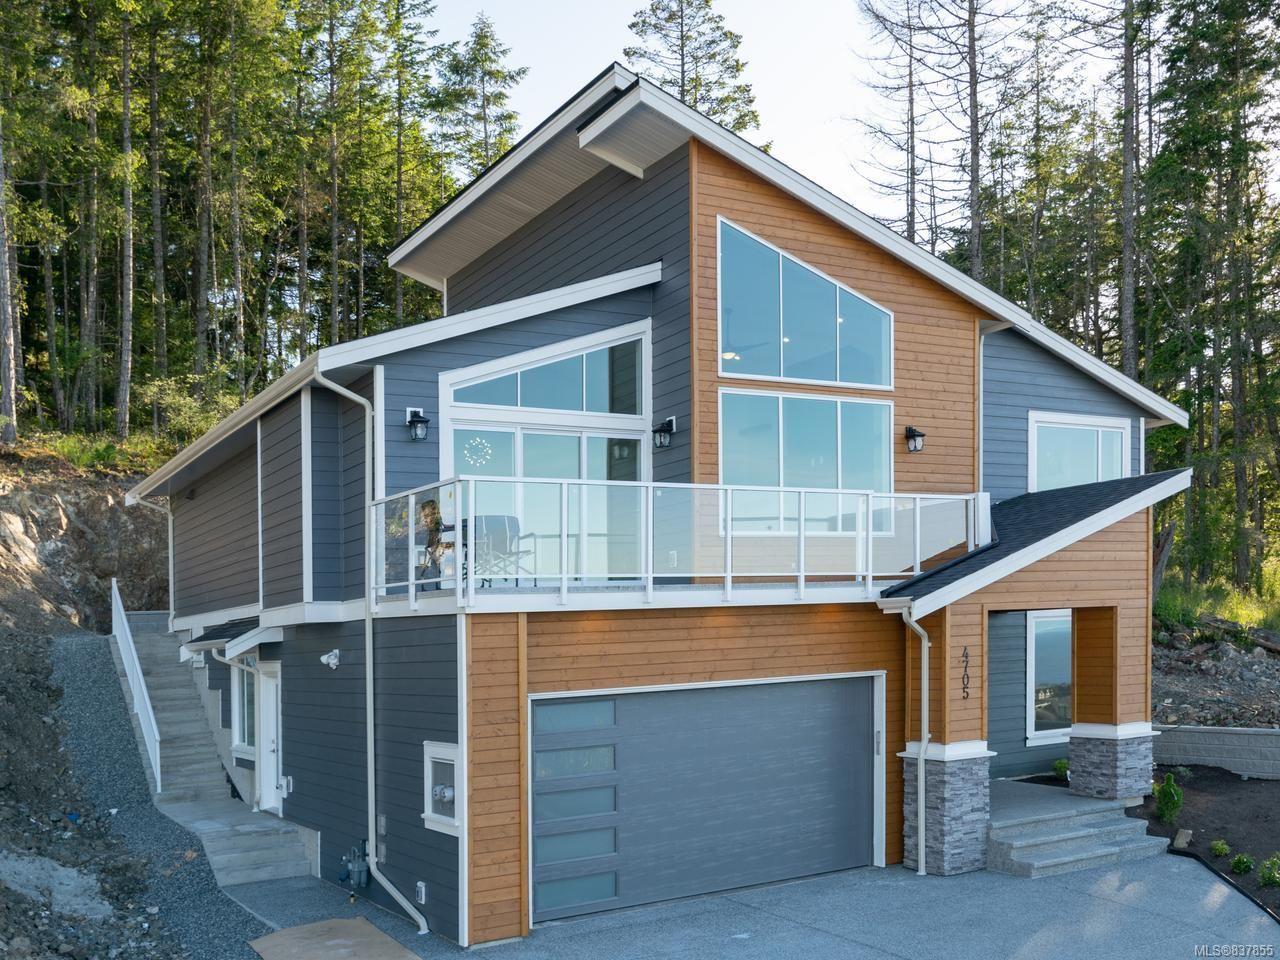 Main Photo: 4705 Ambience Dr in NANAIMO: Na North Nanaimo House for sale (Nanaimo)  : MLS®# 837855